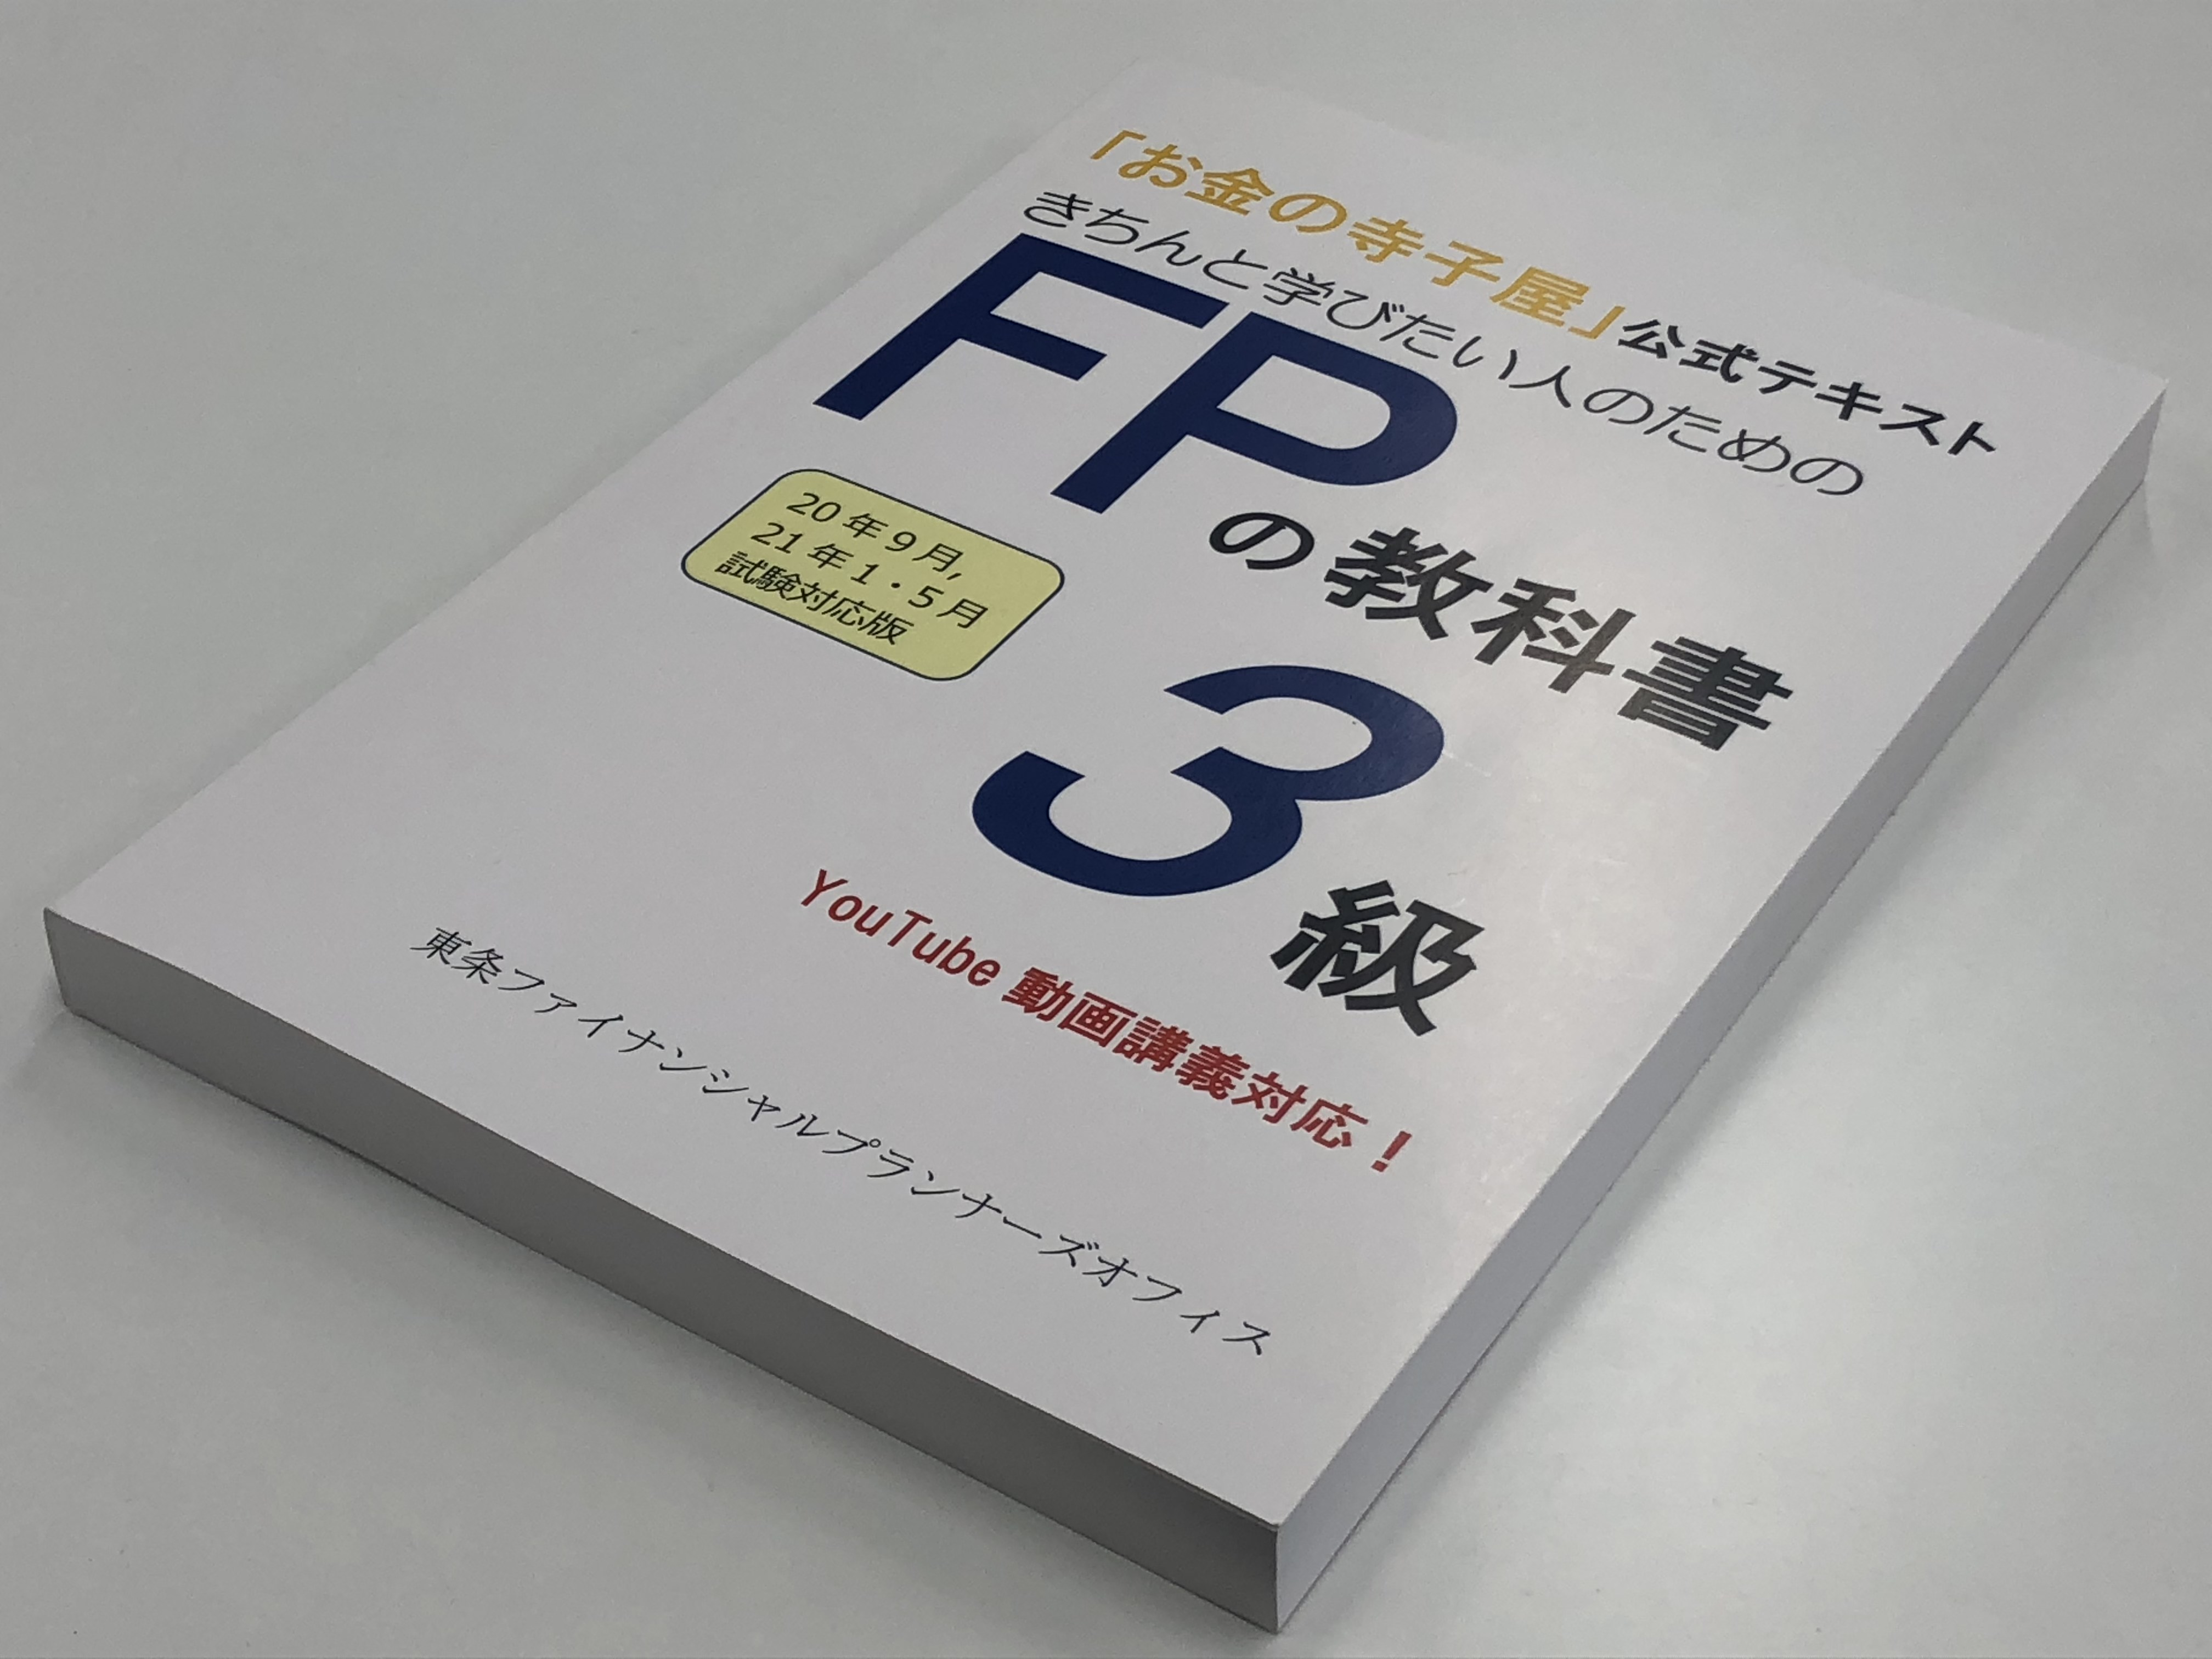 プランナー 本 ファイナンシャル